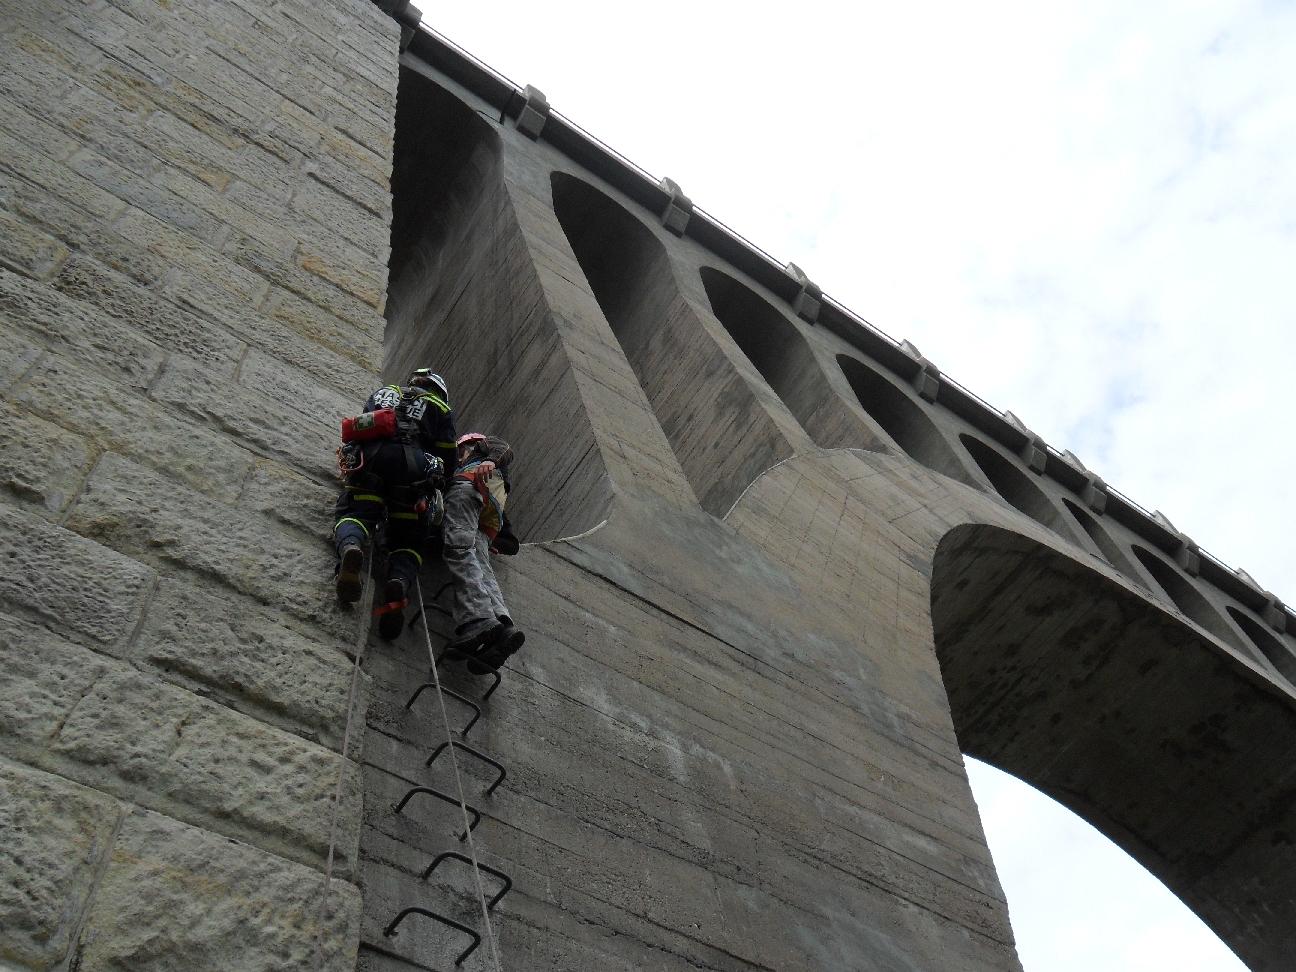 Prohlížíte si fotogarerii k článku Železniční viadukt Krnsko